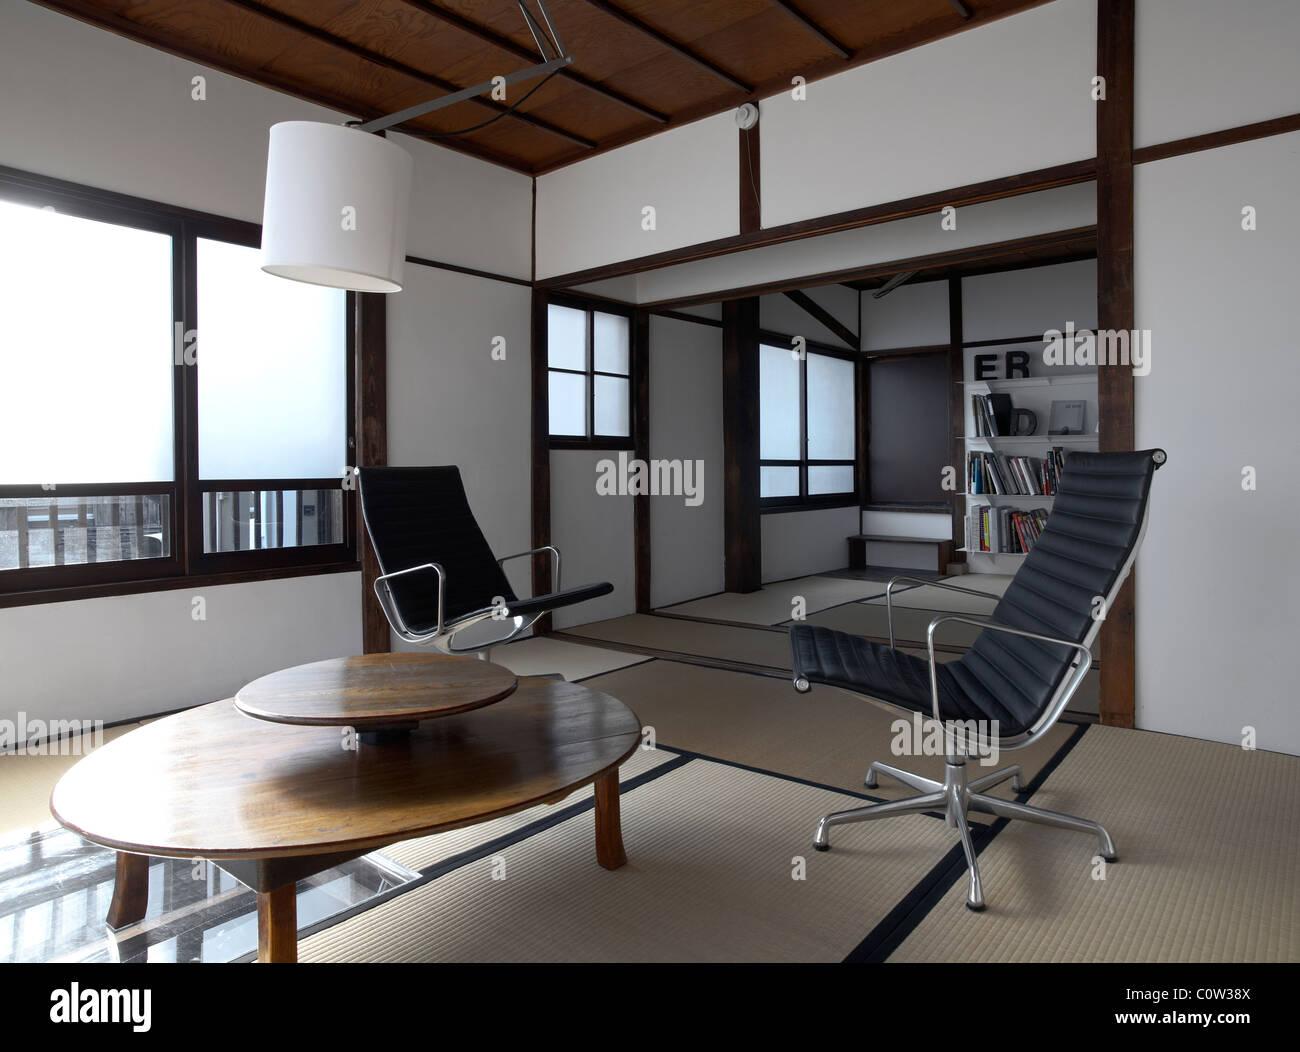 Zeitgenössische Tatami Zimmer In Einem Japanischen Wohnzimmer Mit C. Eames  Bürostühle Lounge